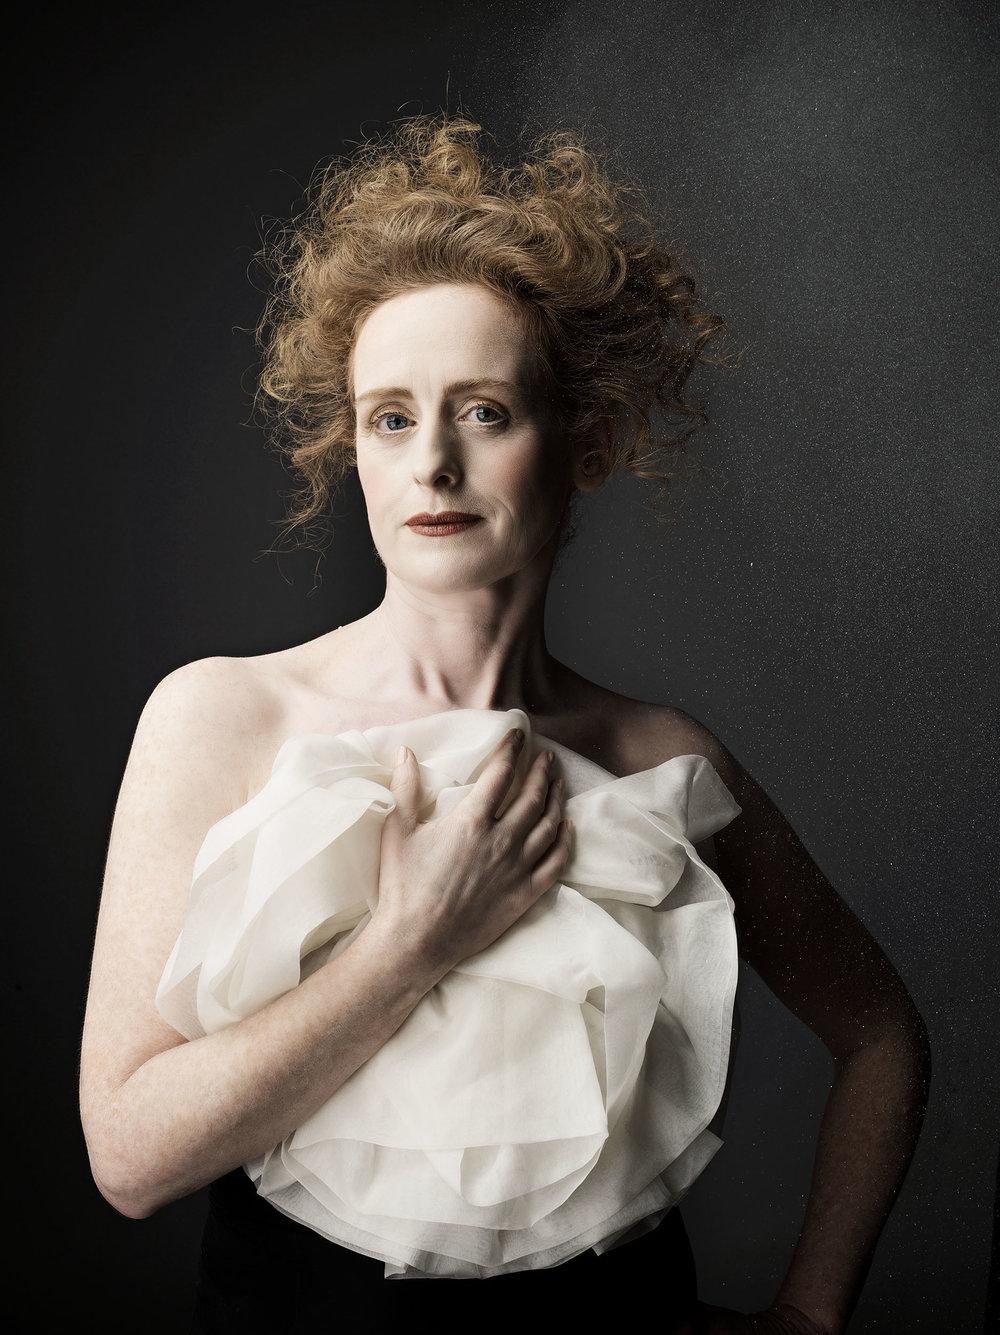 Brianna Corrigan